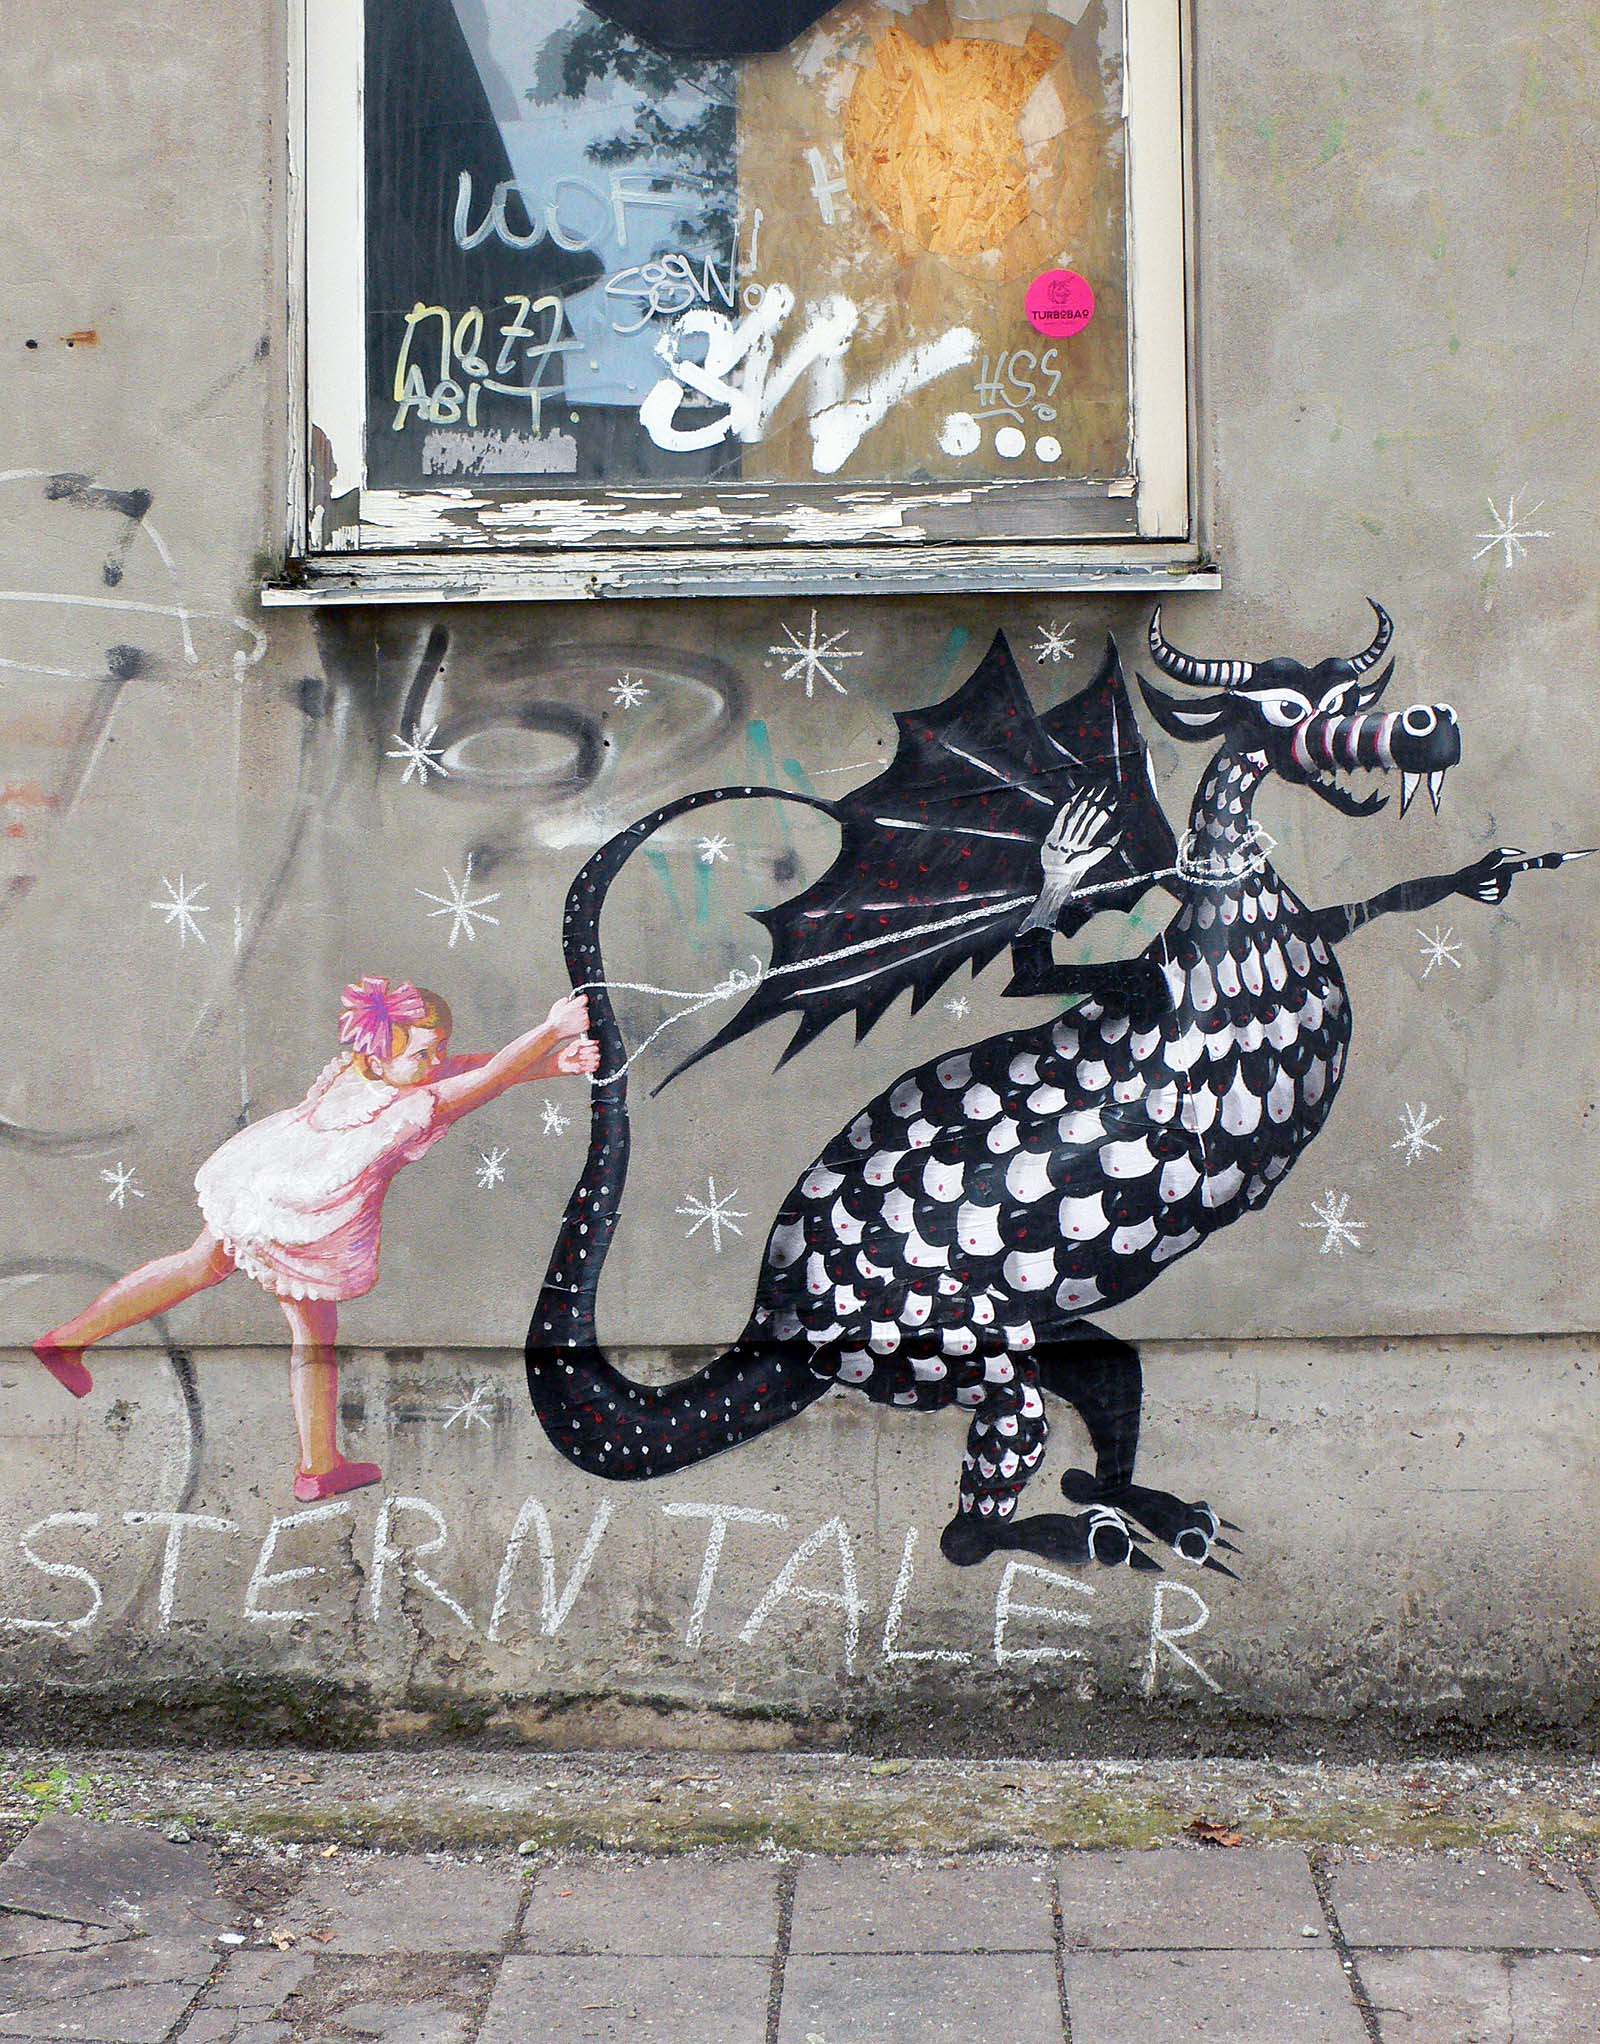 Sterntaler - Das Eine Welt Märchenfestival Für Köln